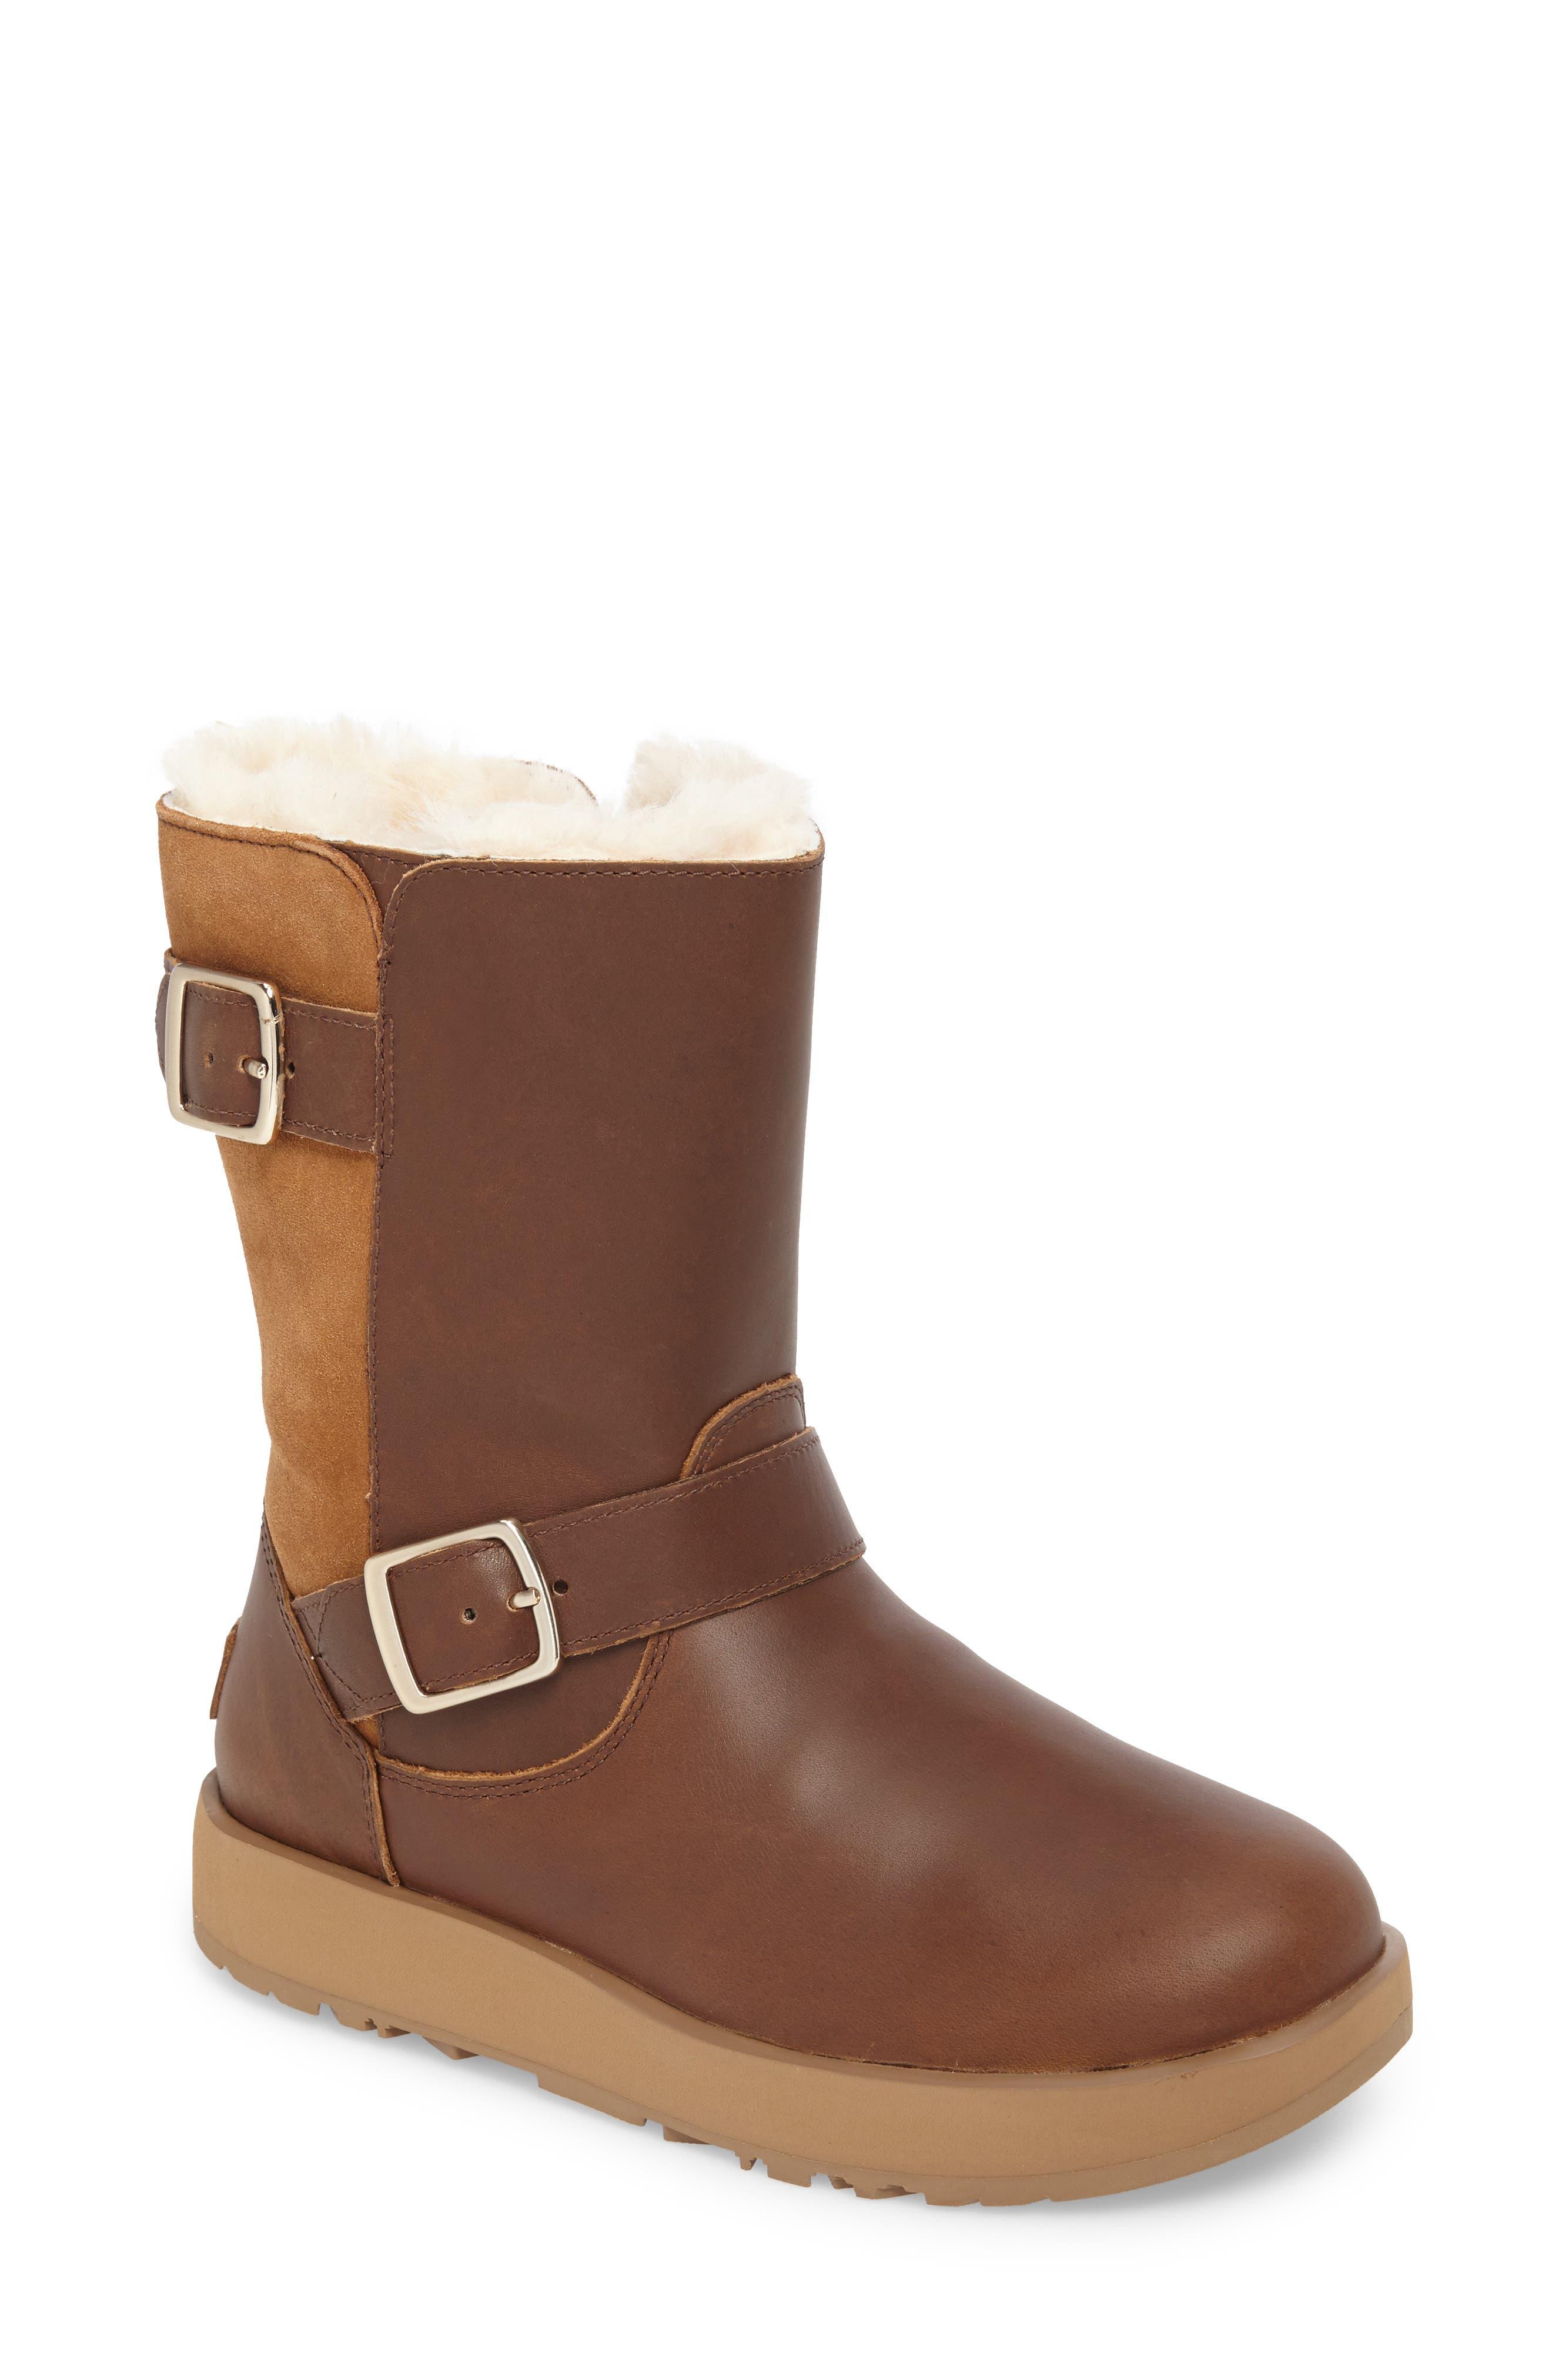 Main Image - UGG® Breida Waterproof Boot (Women)